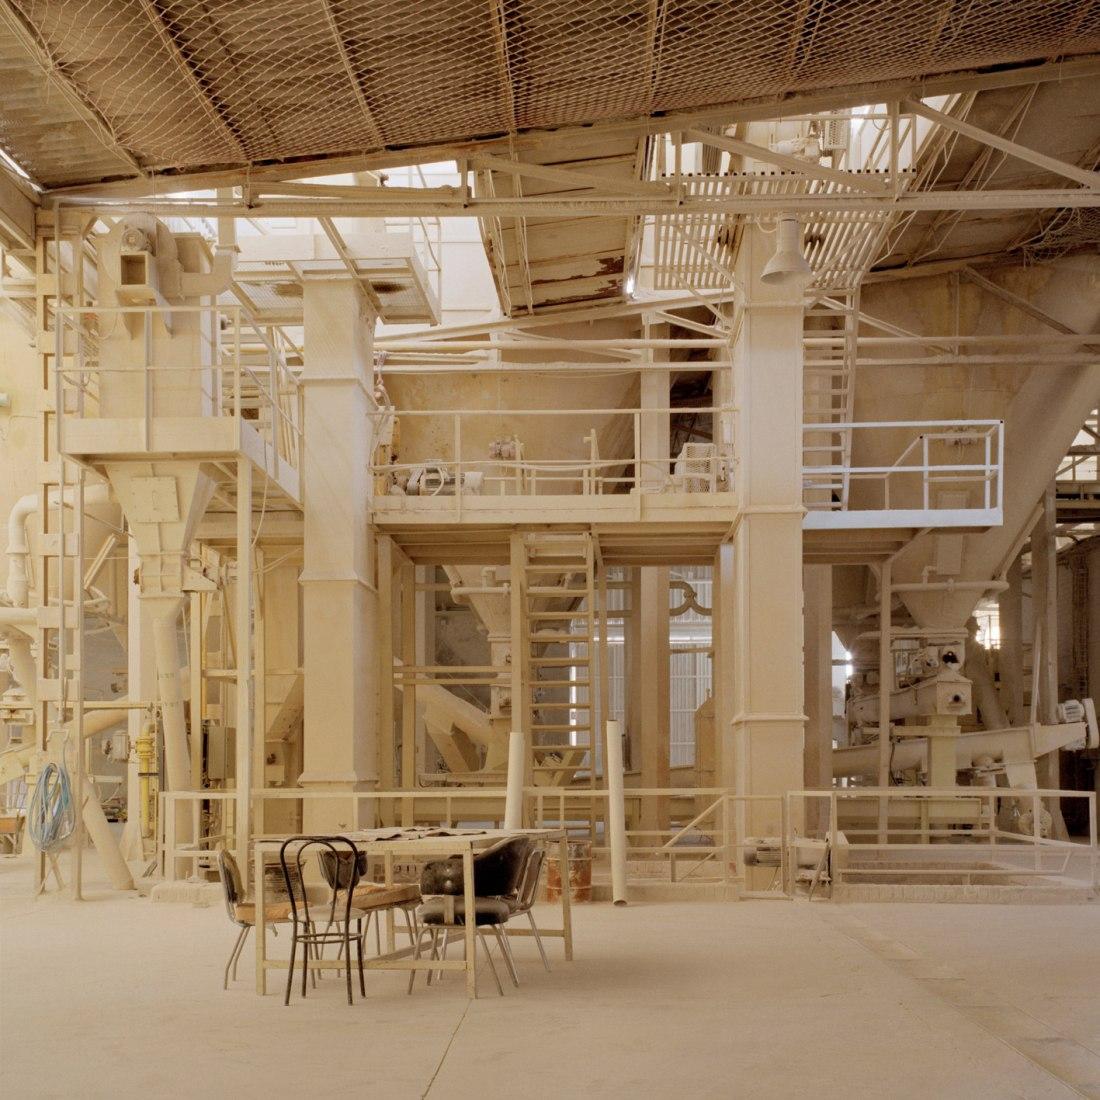 Sin título, serie Catedrales, de 2009 a 2011. Pigmentos minerales sobre papel de algodón., 122 x 122 cm. @ Cortesía de Juan Baraja.